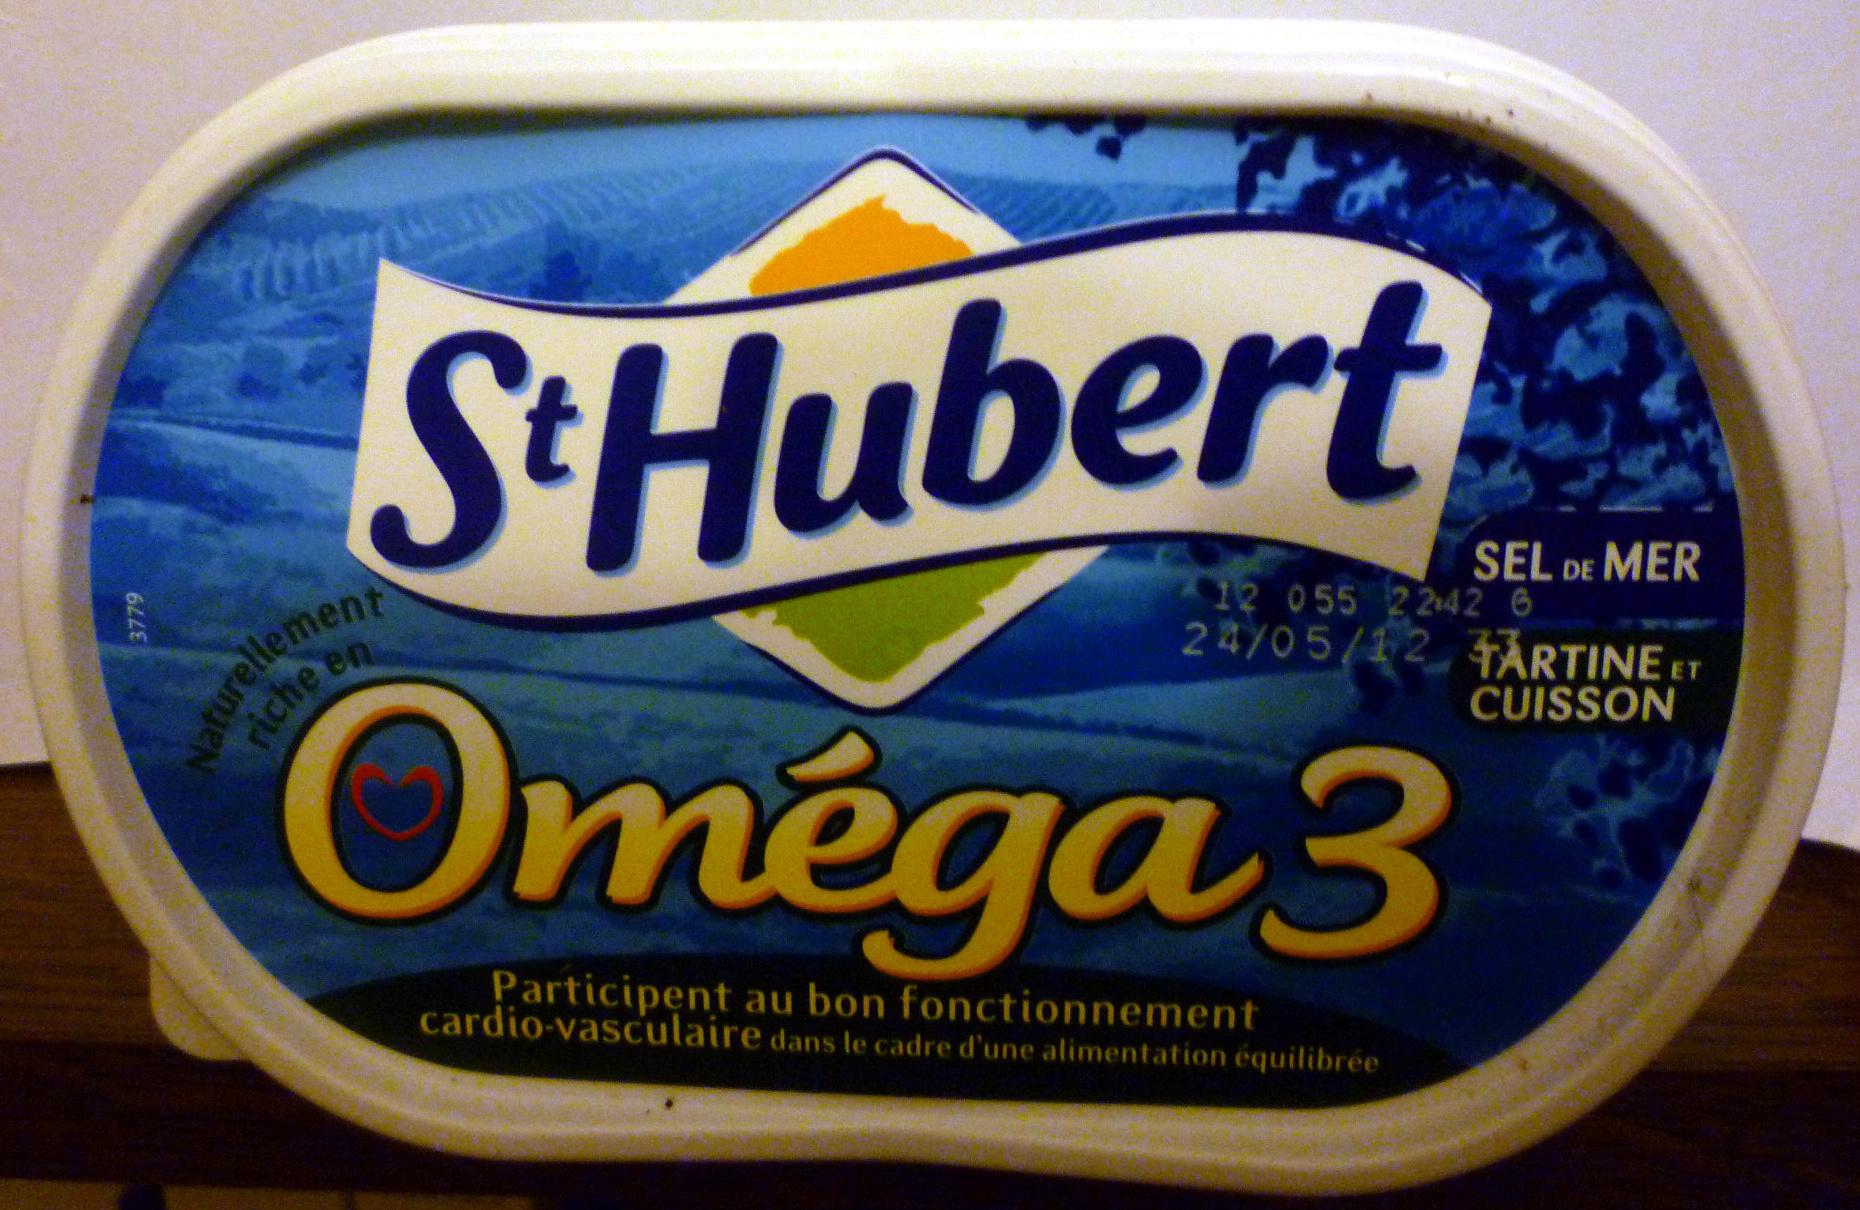 St Hubert Oméga 3 (Sel de Mer, Tartine et Cuisson), (54 % MG) - Produit - fr